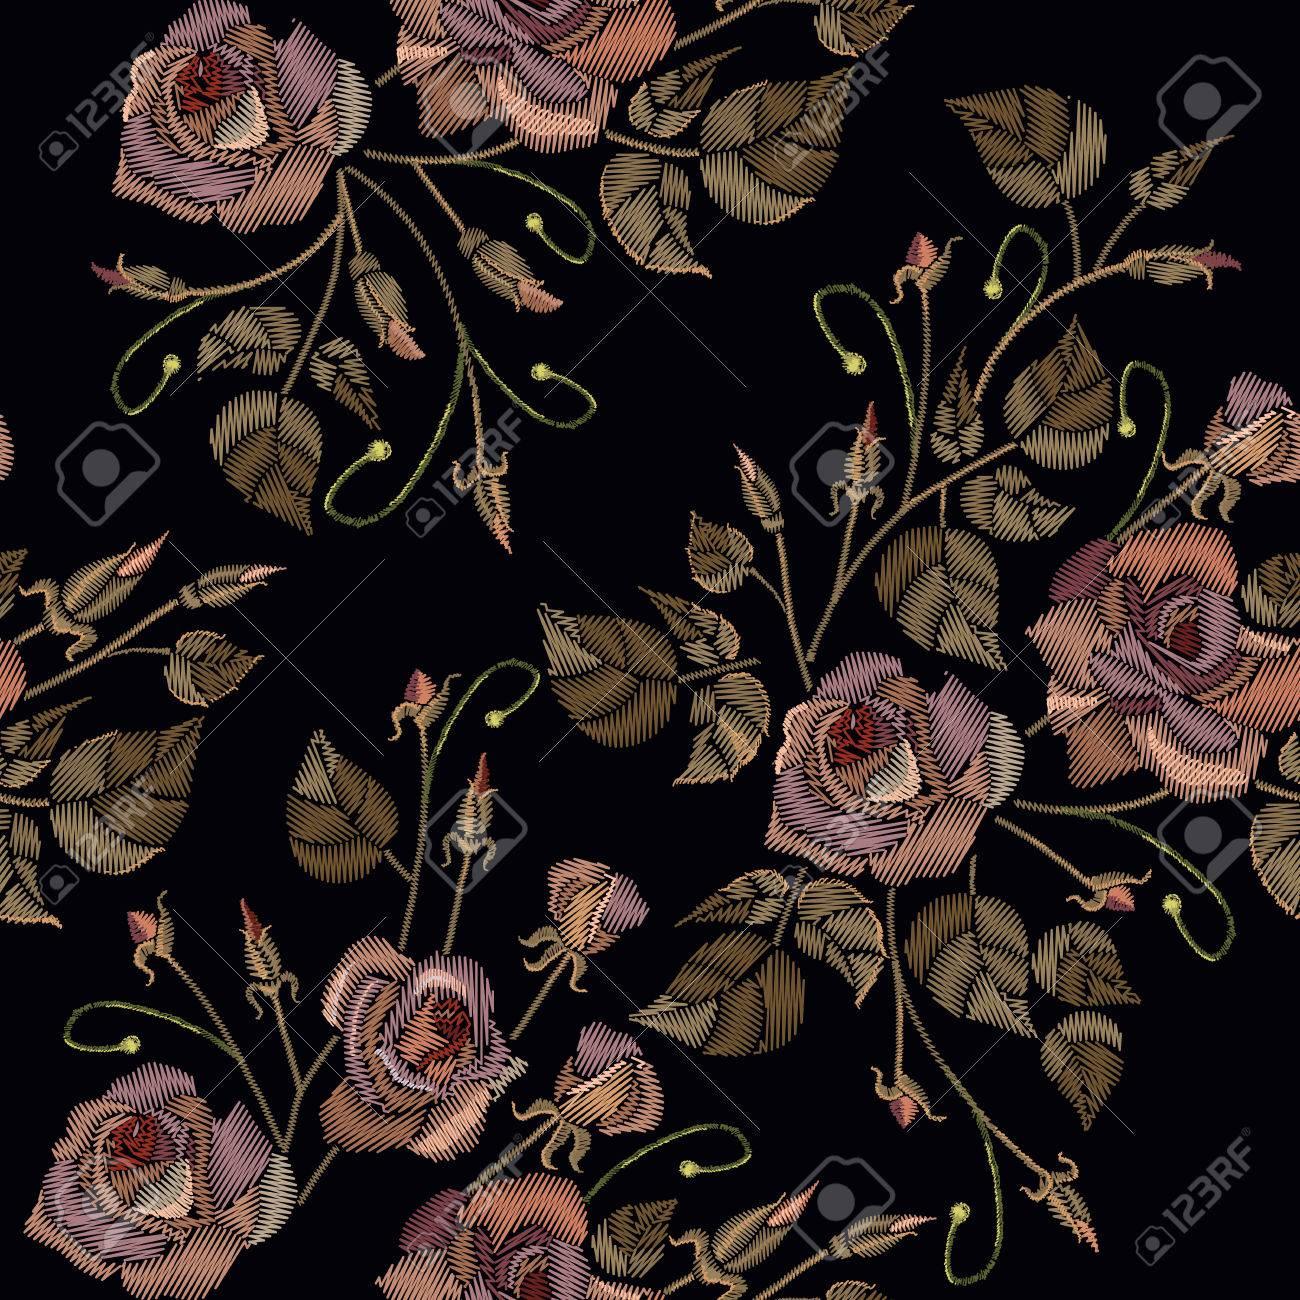 Vettoriale Ricamo Vintage Rosa Senza Soluzione Di Continuità Su